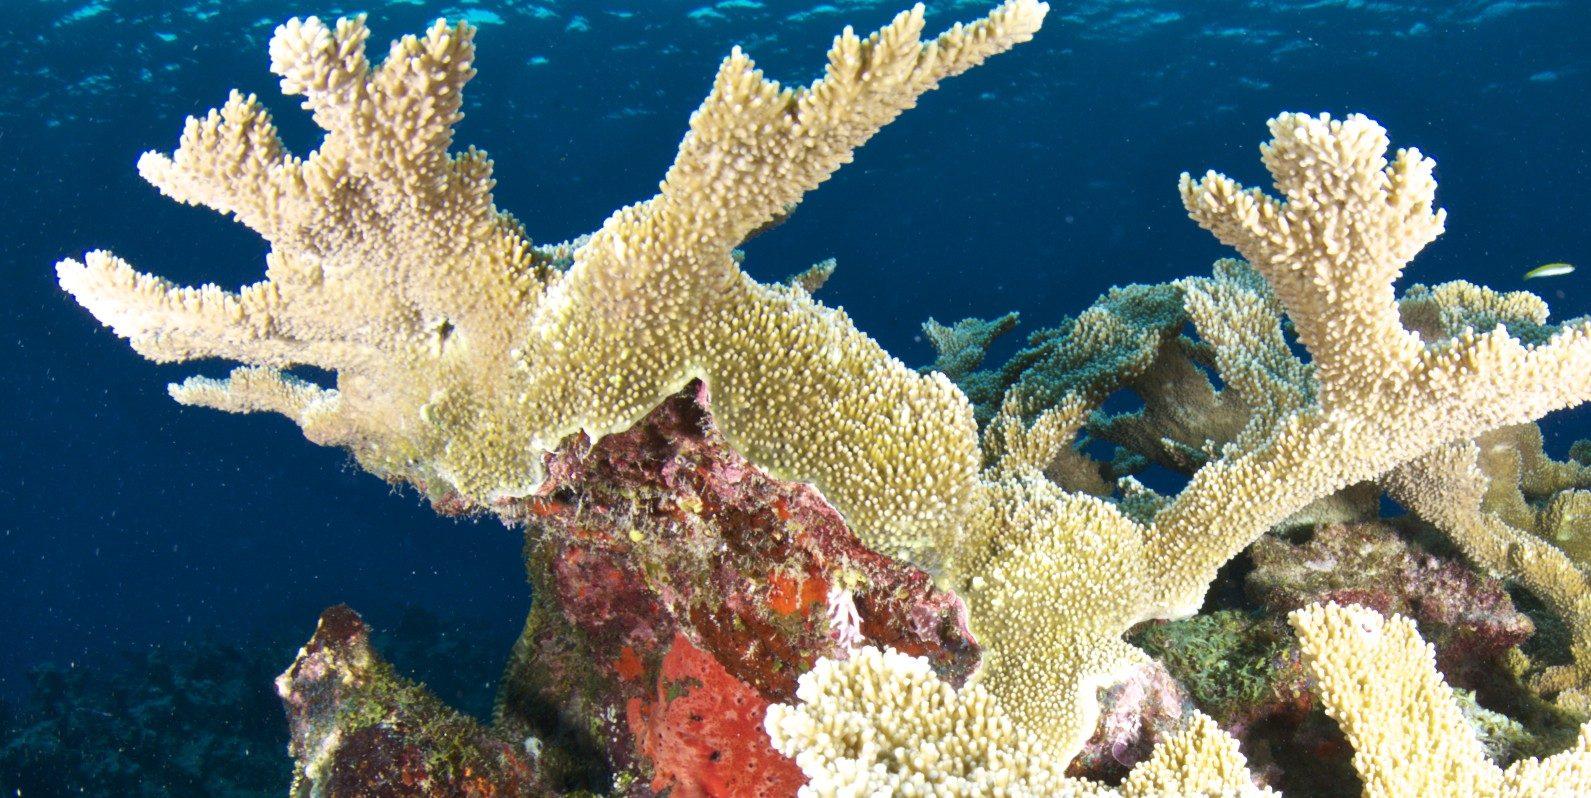 central caribbean marine institute